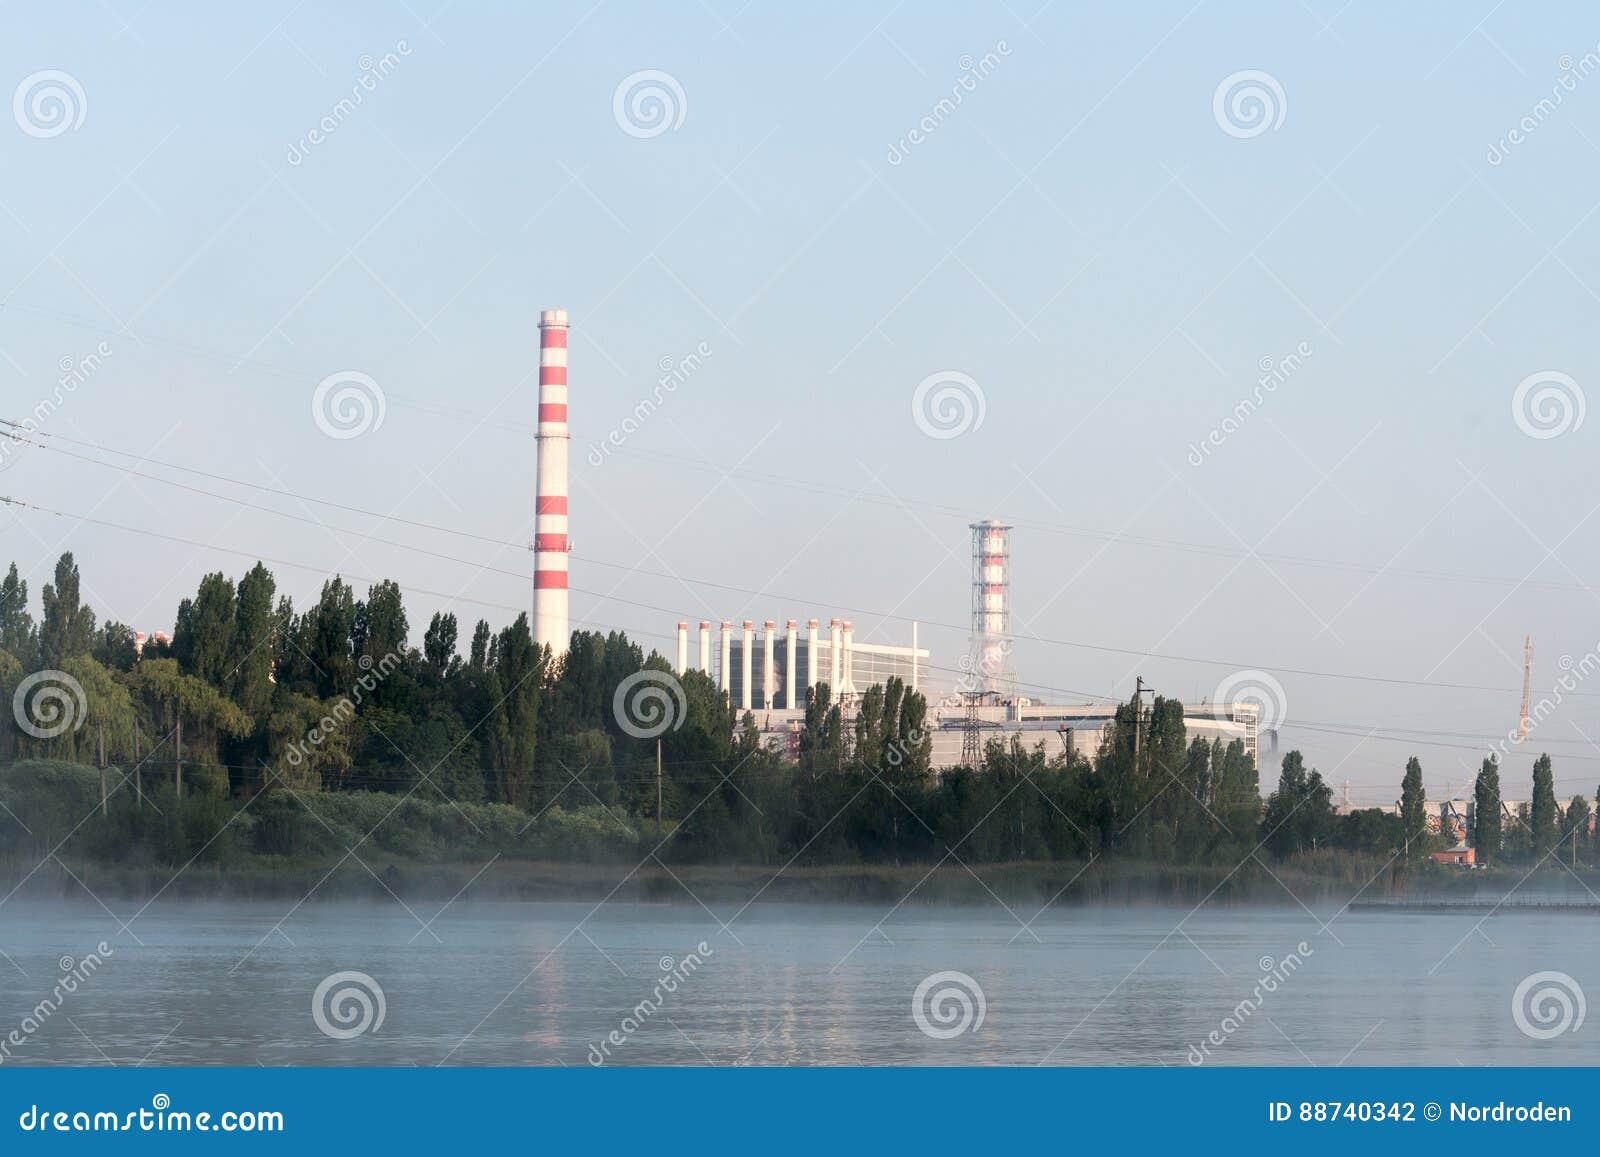 La central nuclear de Kursk reflejó en una superficie tranquila del agua